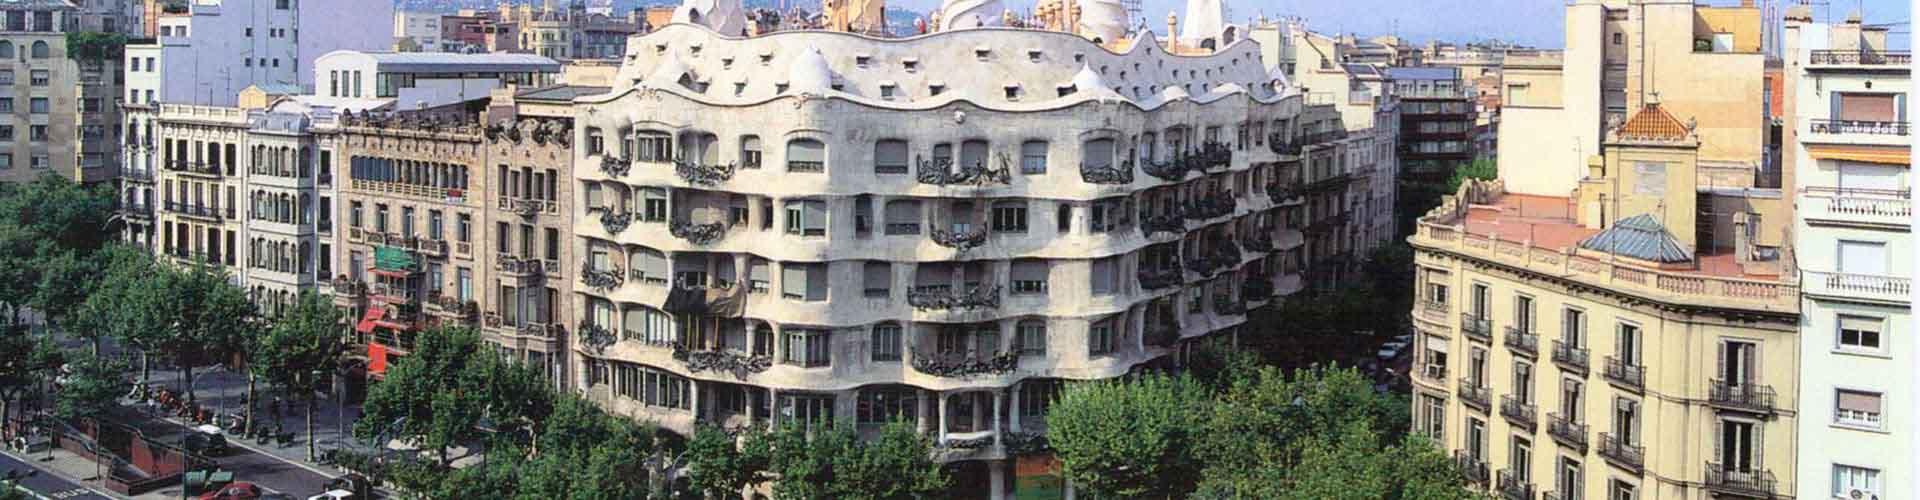 Barcelone - Auberges de jeunesse près de Casa Milà. Cartes pour Barcelone, photos et commentaires pour chaque auberge de jeunesse à Barcelone.